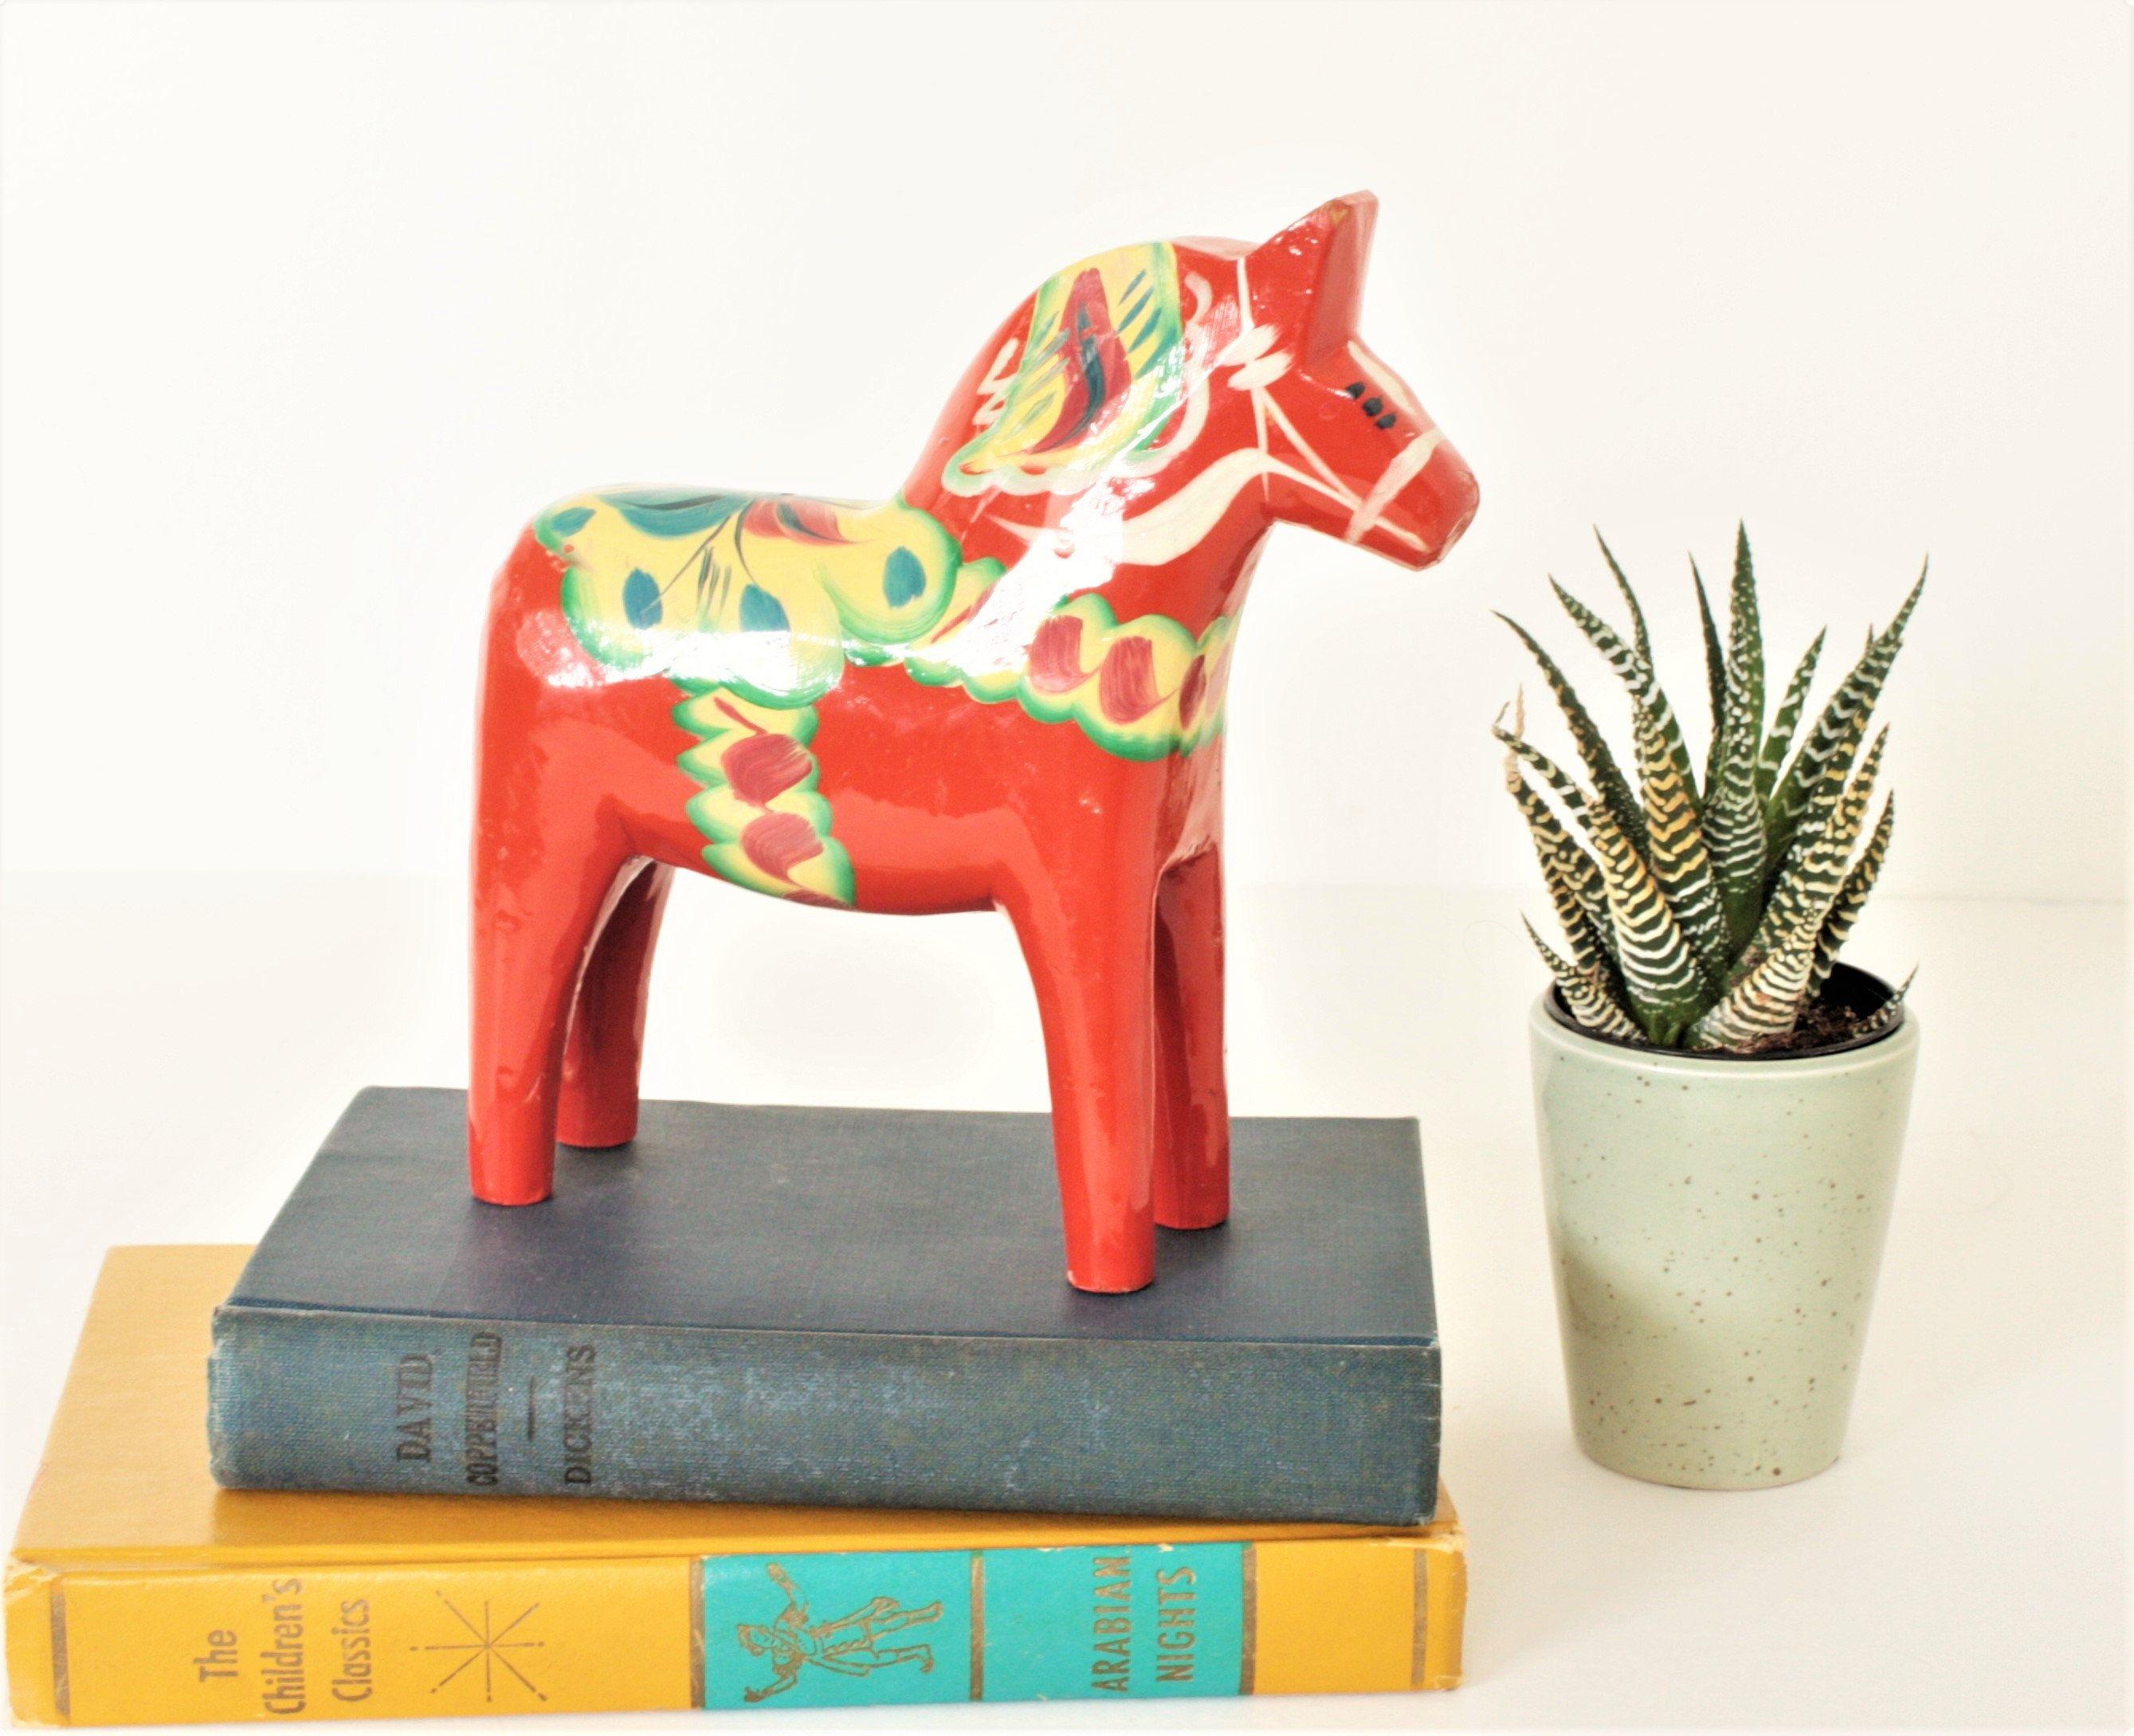 Vintage Olsson Red Dala Horse 6 5 Inch Vintage Swedish Wood Etsy In 2020 Dala Horse Vintage Sales Vintage Linens